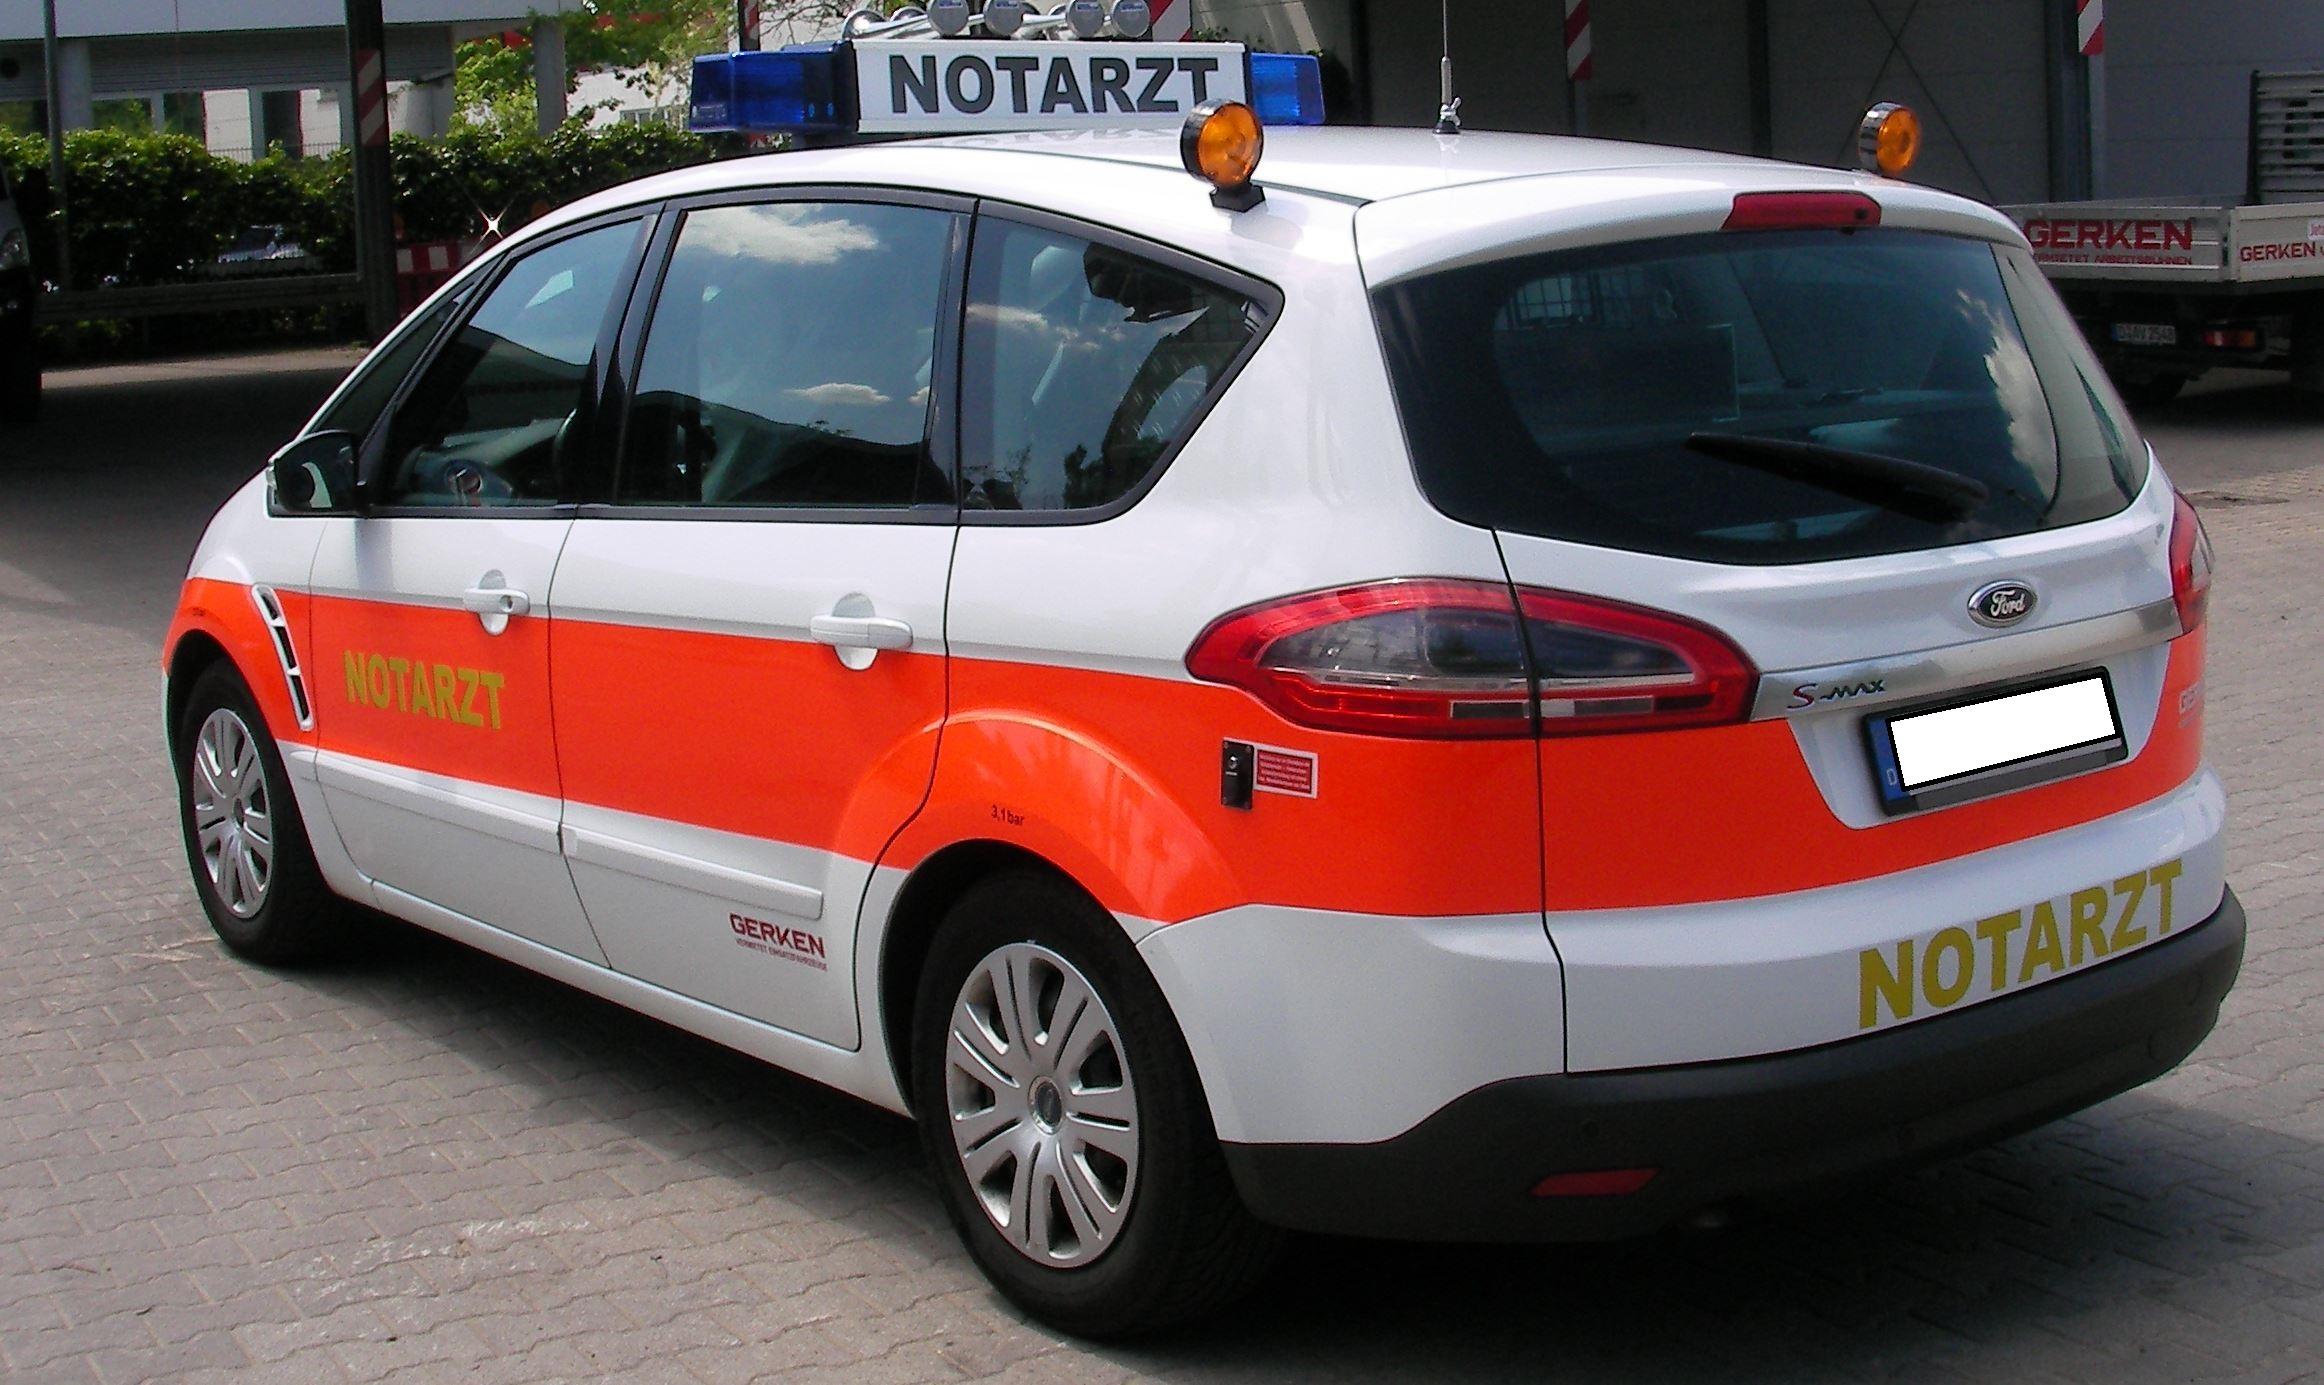 NEF Notarzteinsatzfahrzeug KDOW ELW 1 Auf Ford S Max Motorschaden Reparatur Gegen Aufpreis